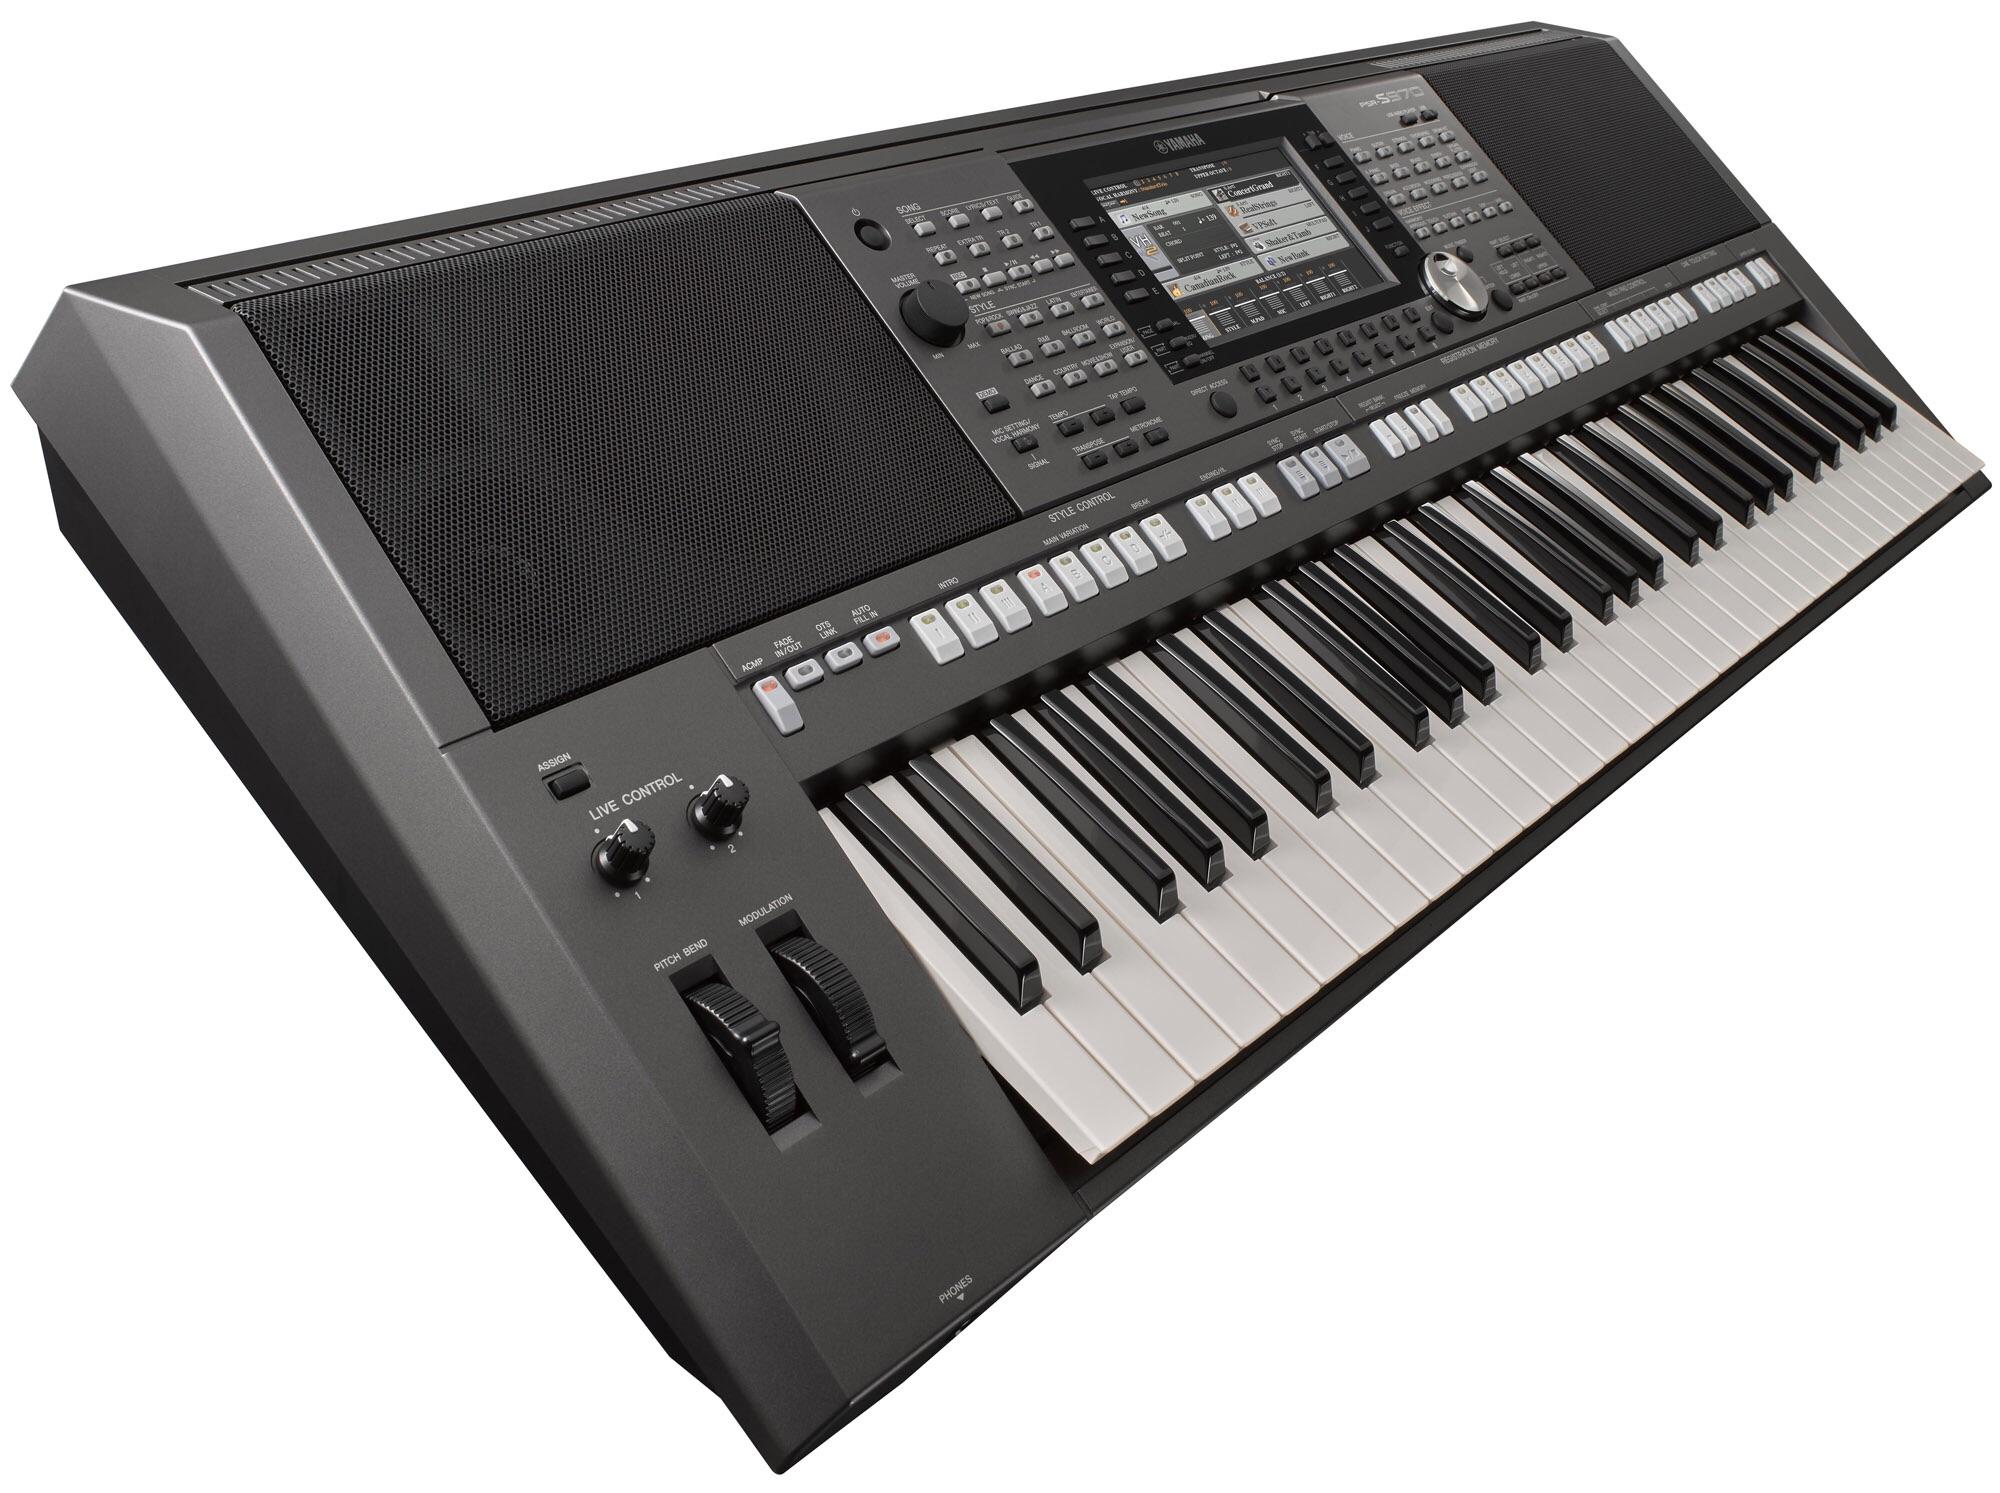 đàn organ yamaha s970